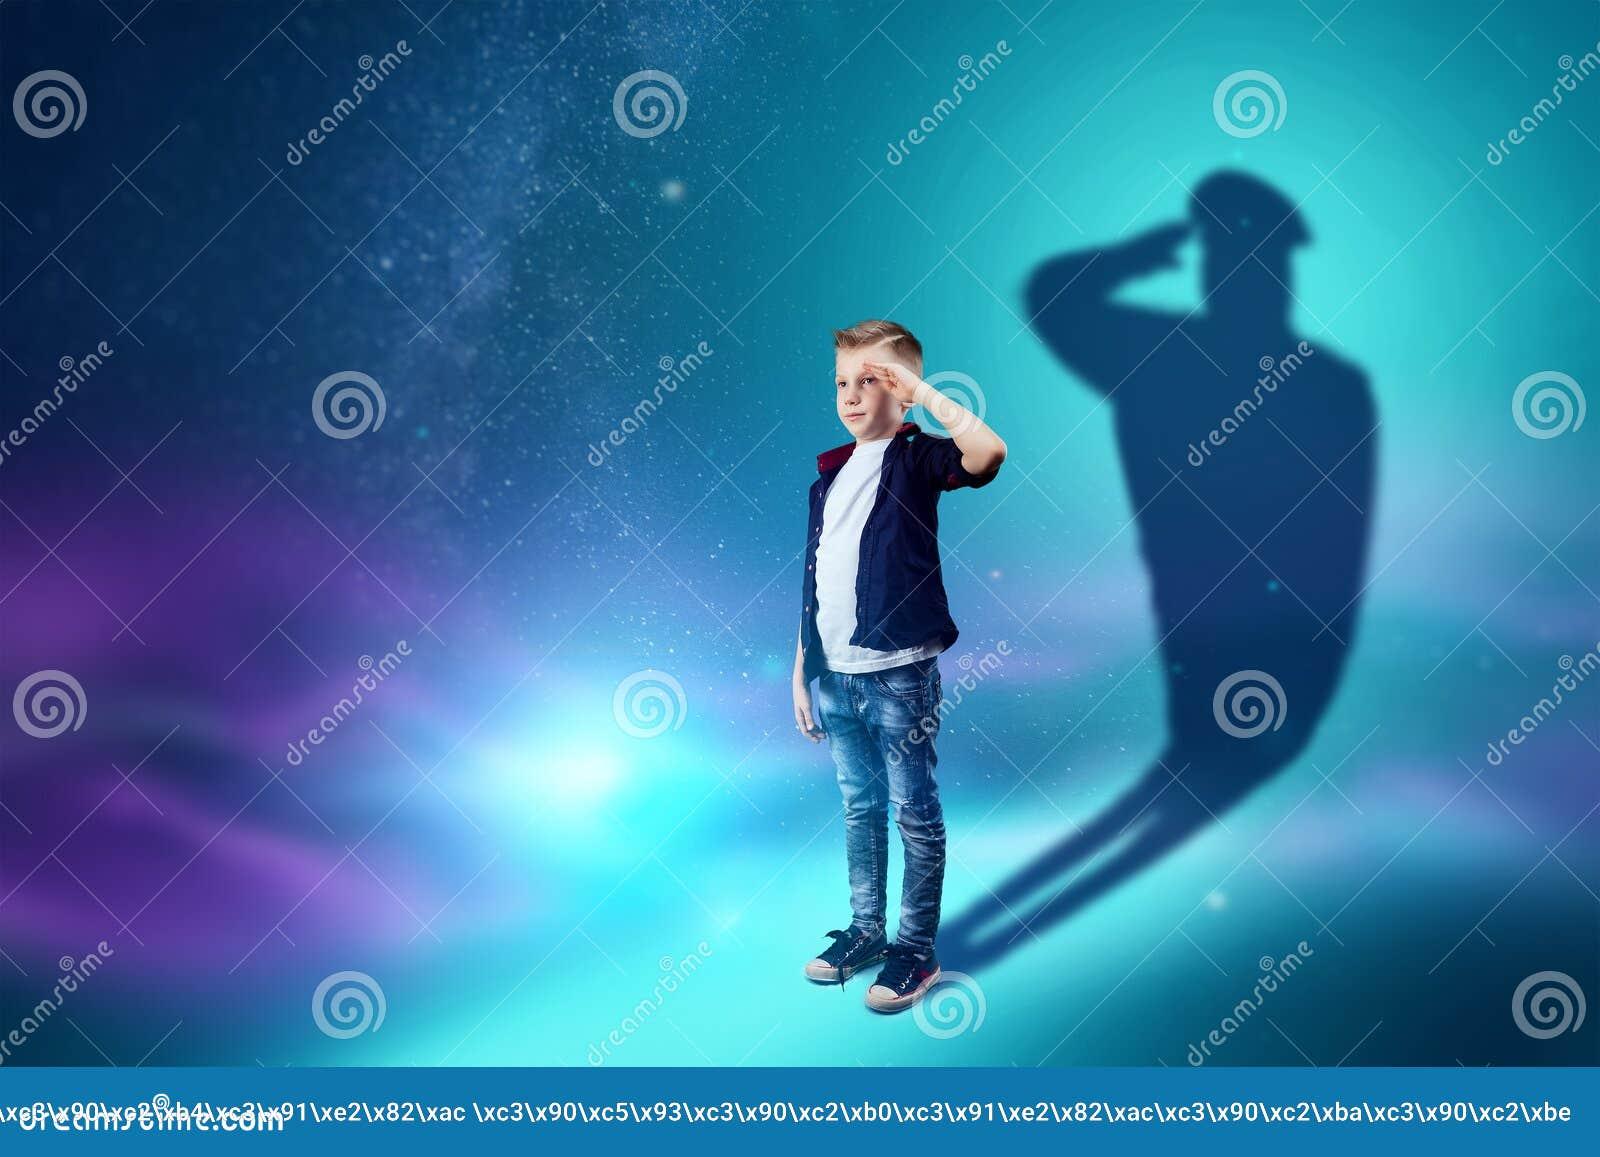 La scelta della professione, il futuro del bambino I sogni del ragazzo di trasformarsi in un militare Il concetto di